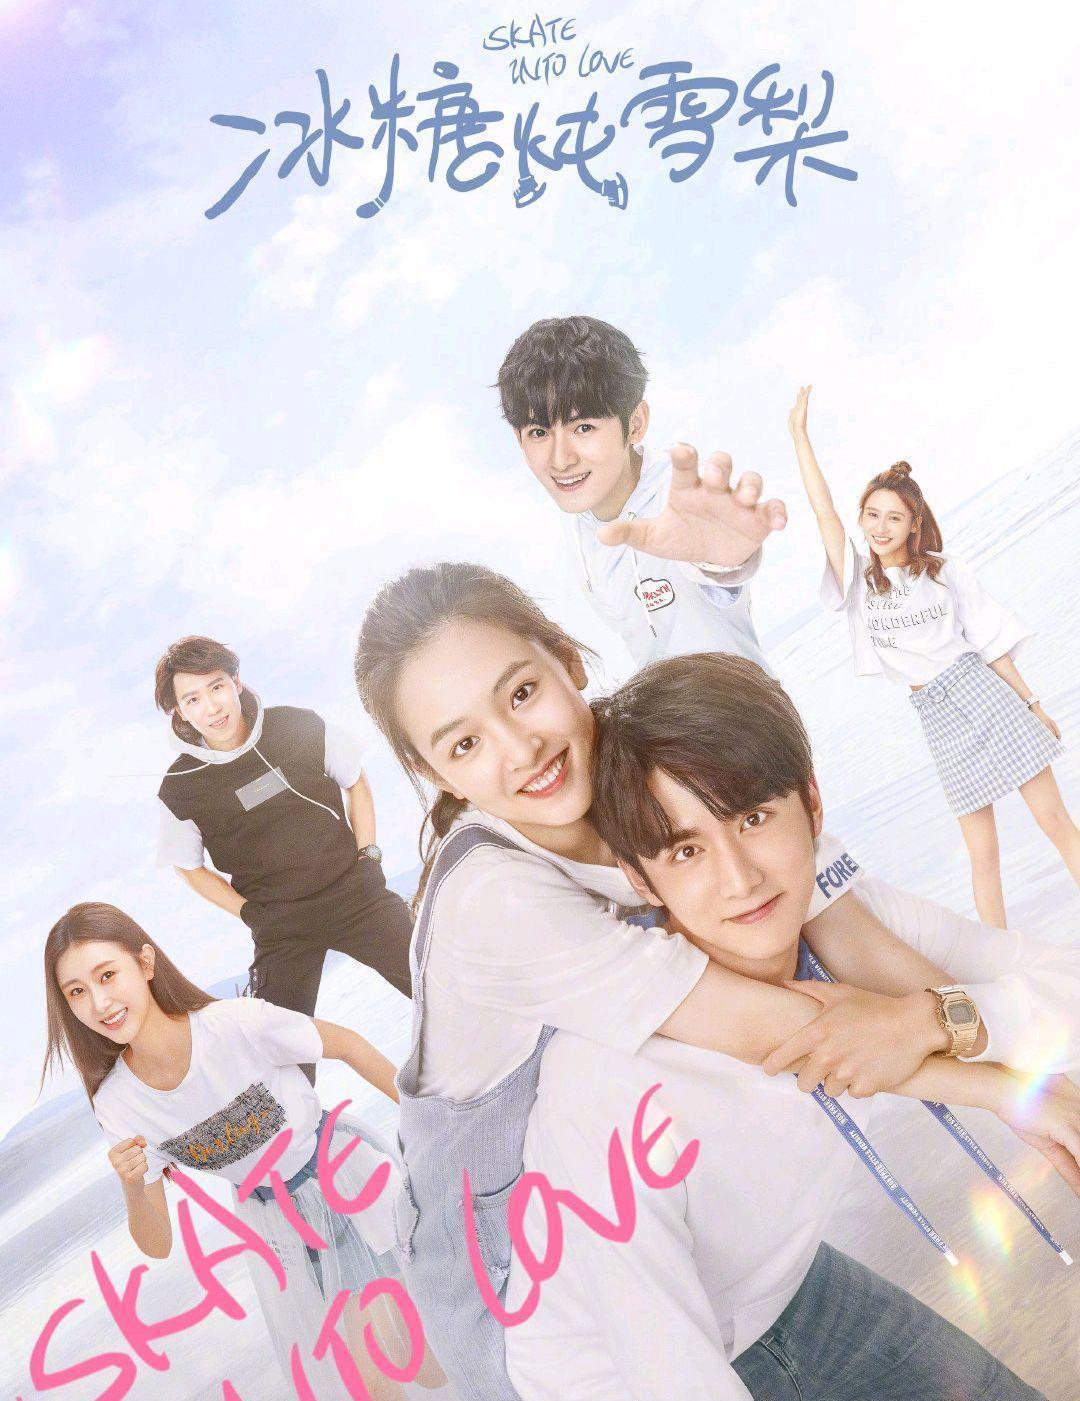 电视剧景气榜,多部新剧入围,徐正溪、靳东贡献度令人惊喜